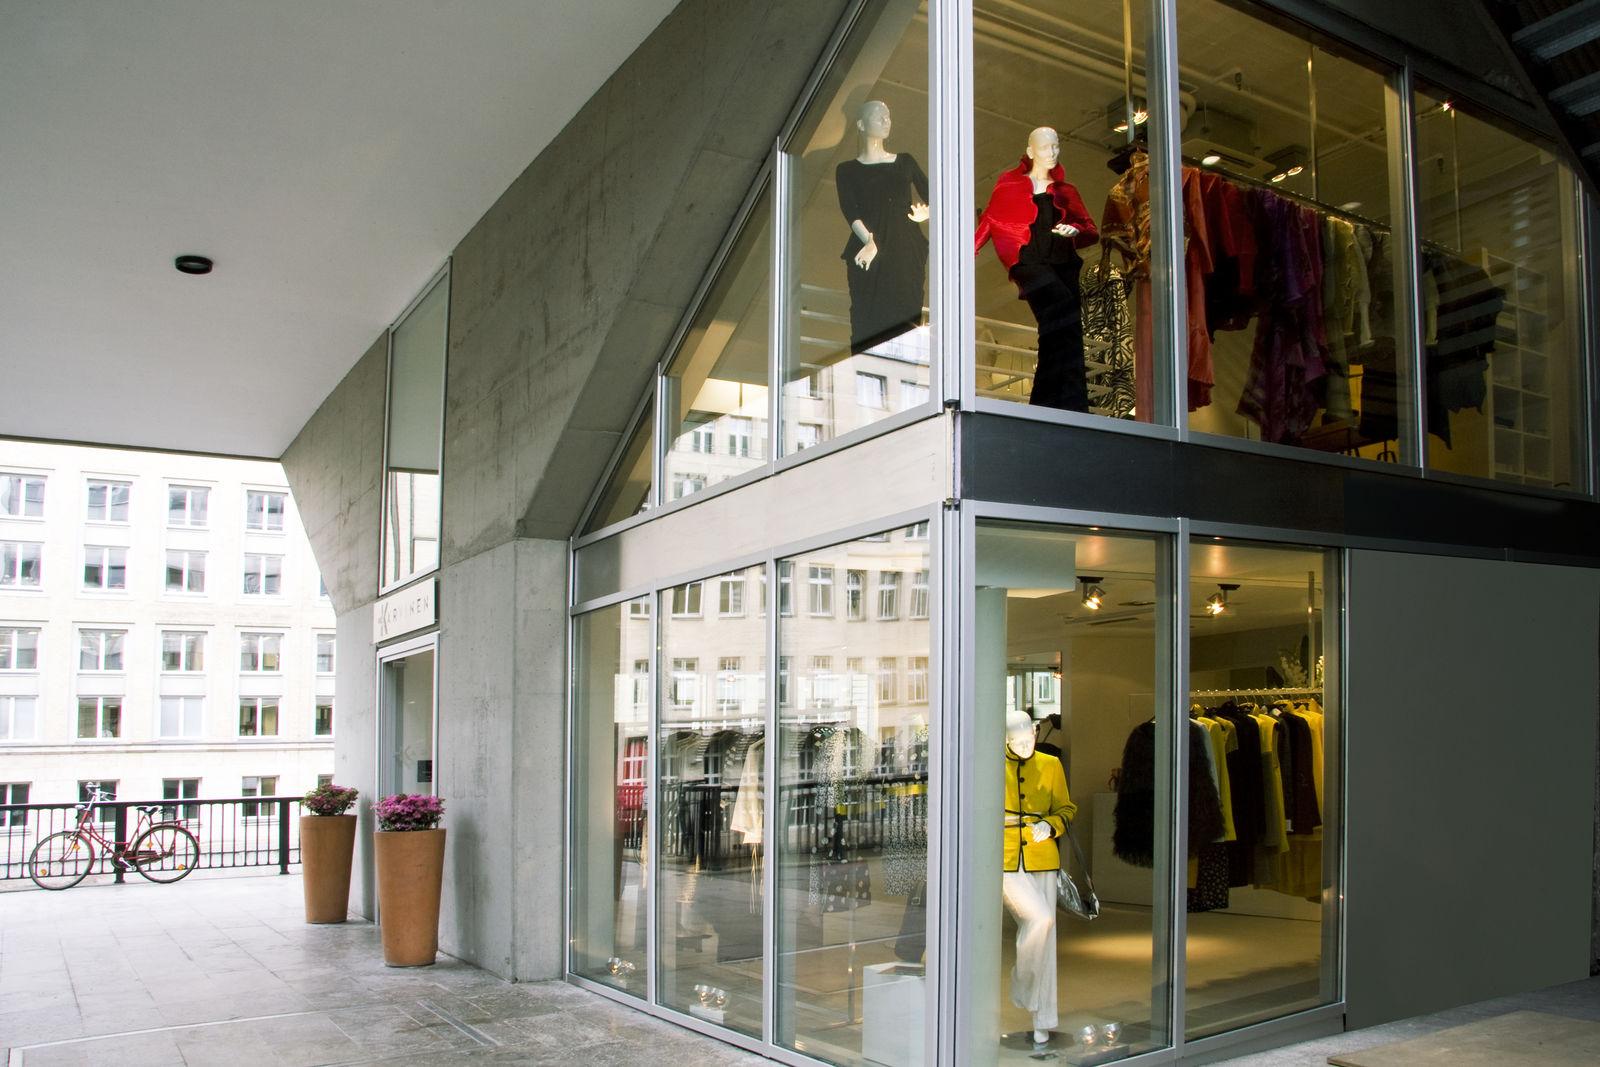 Karvinen womenswear in hamburg neuer wall thelabelfinder for Ligne roset hamburg neuer wall